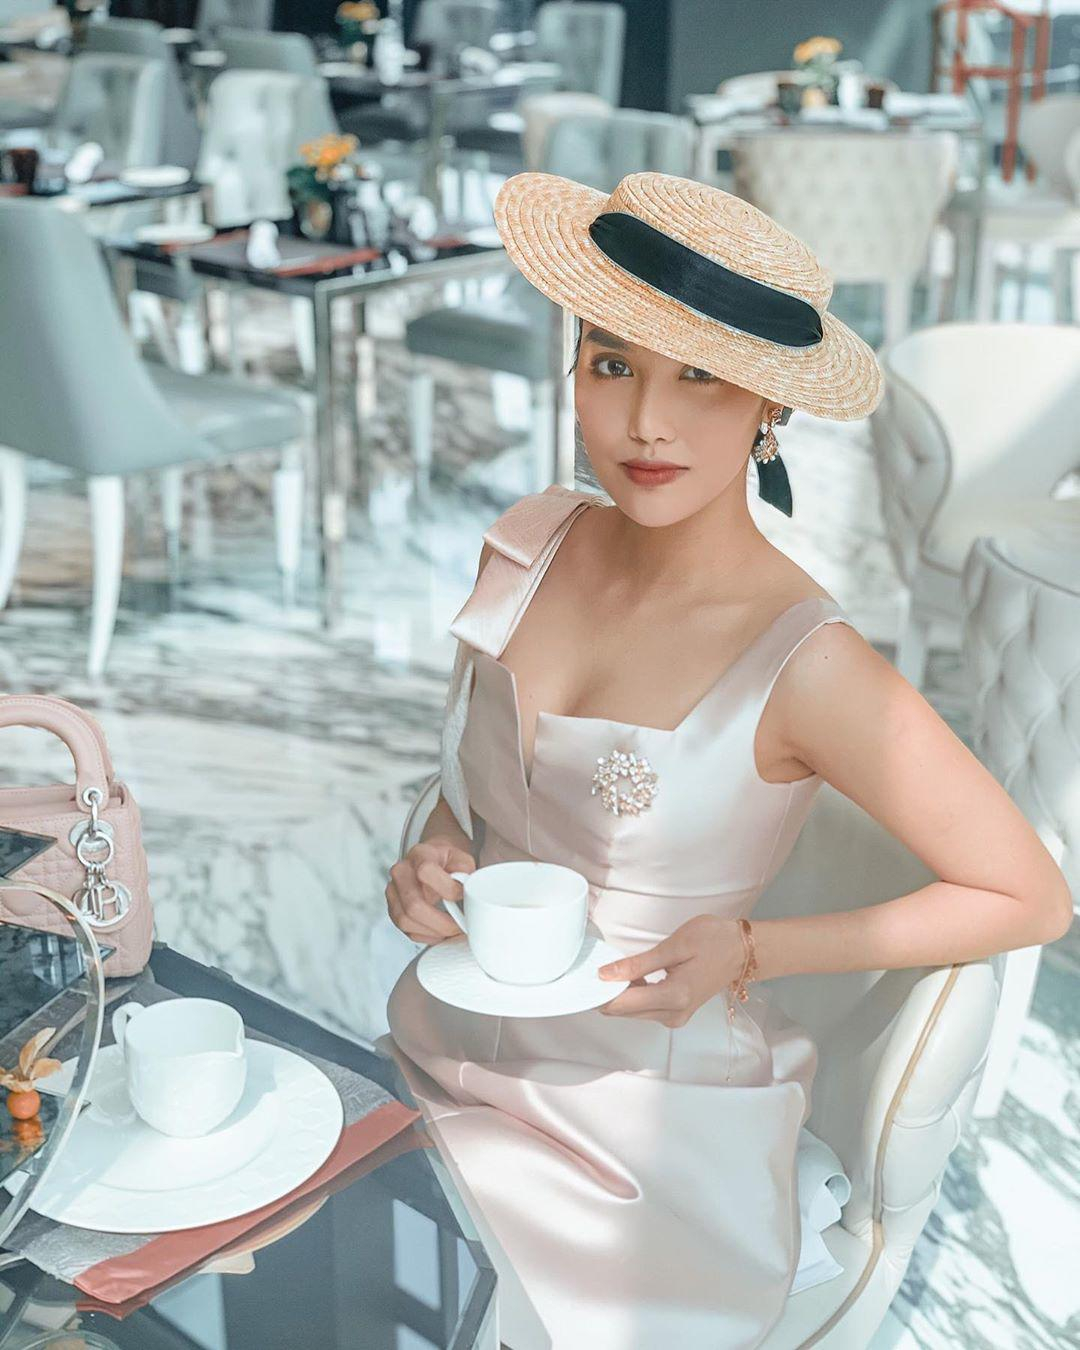 Thời trang trà chiều trái ngược: sao Hàn chuộng thanh lịch, mỹ nhân Việt ưa sang chảnh, cầu kỳ - 1